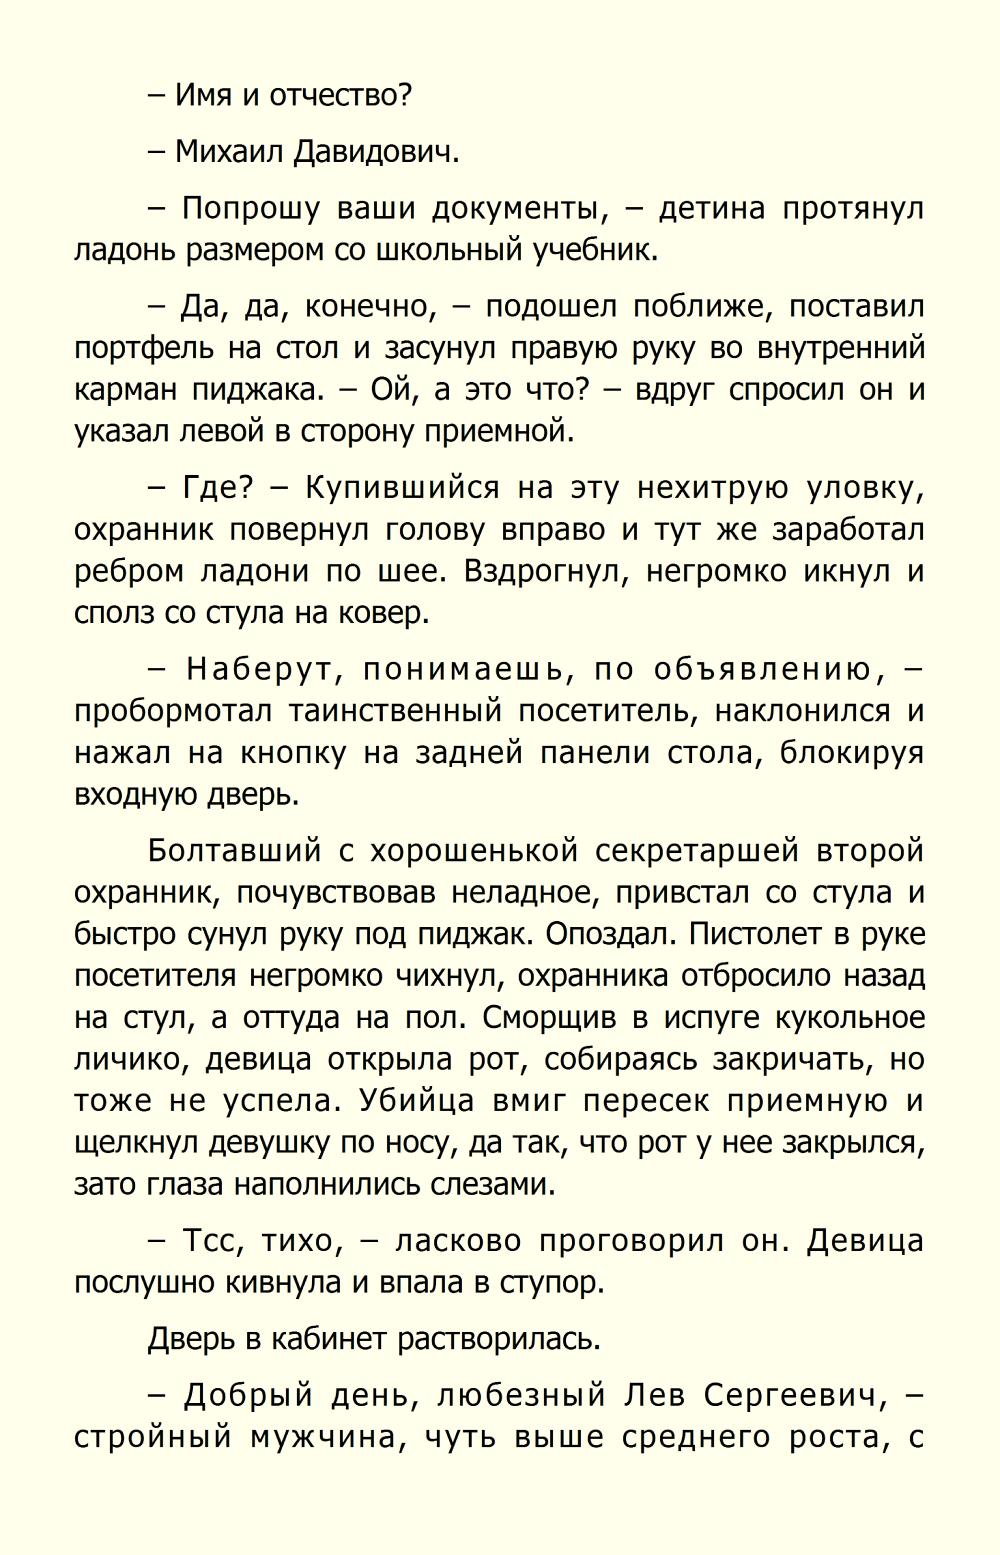 http://i6.imageban.ru/out/2013/11/03/b3f5335409f105ba706a6765081c8005.jpg